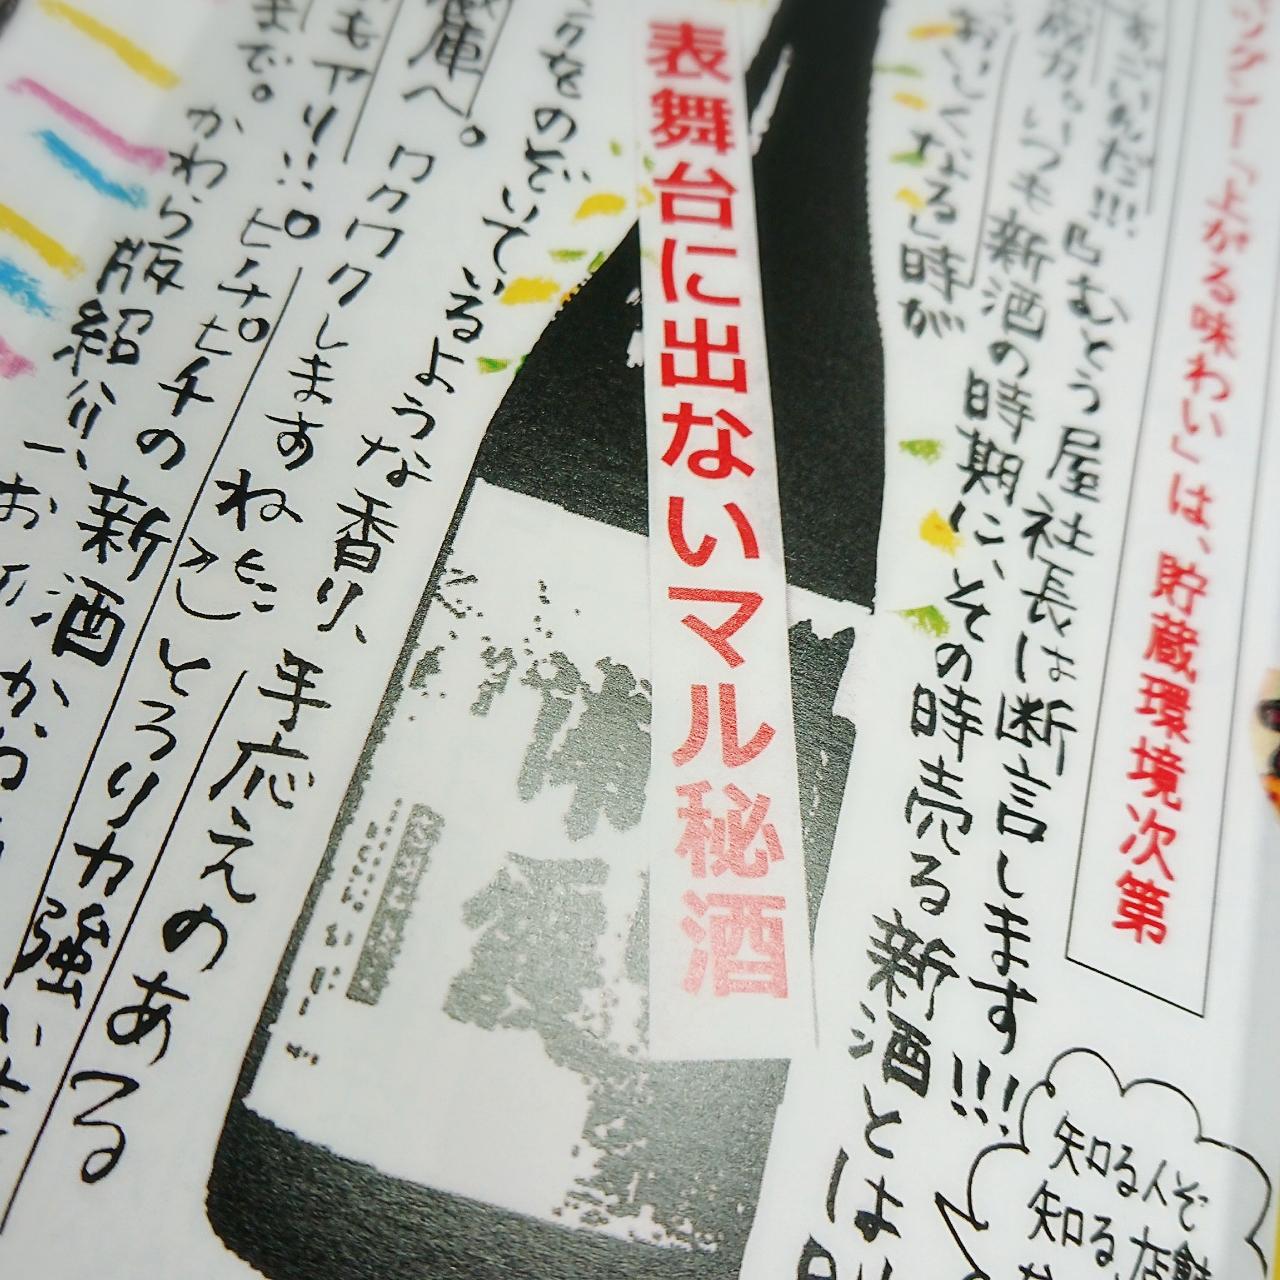 浦霞 マル秘のお酒 限定100本【かわら版111号掲載品】